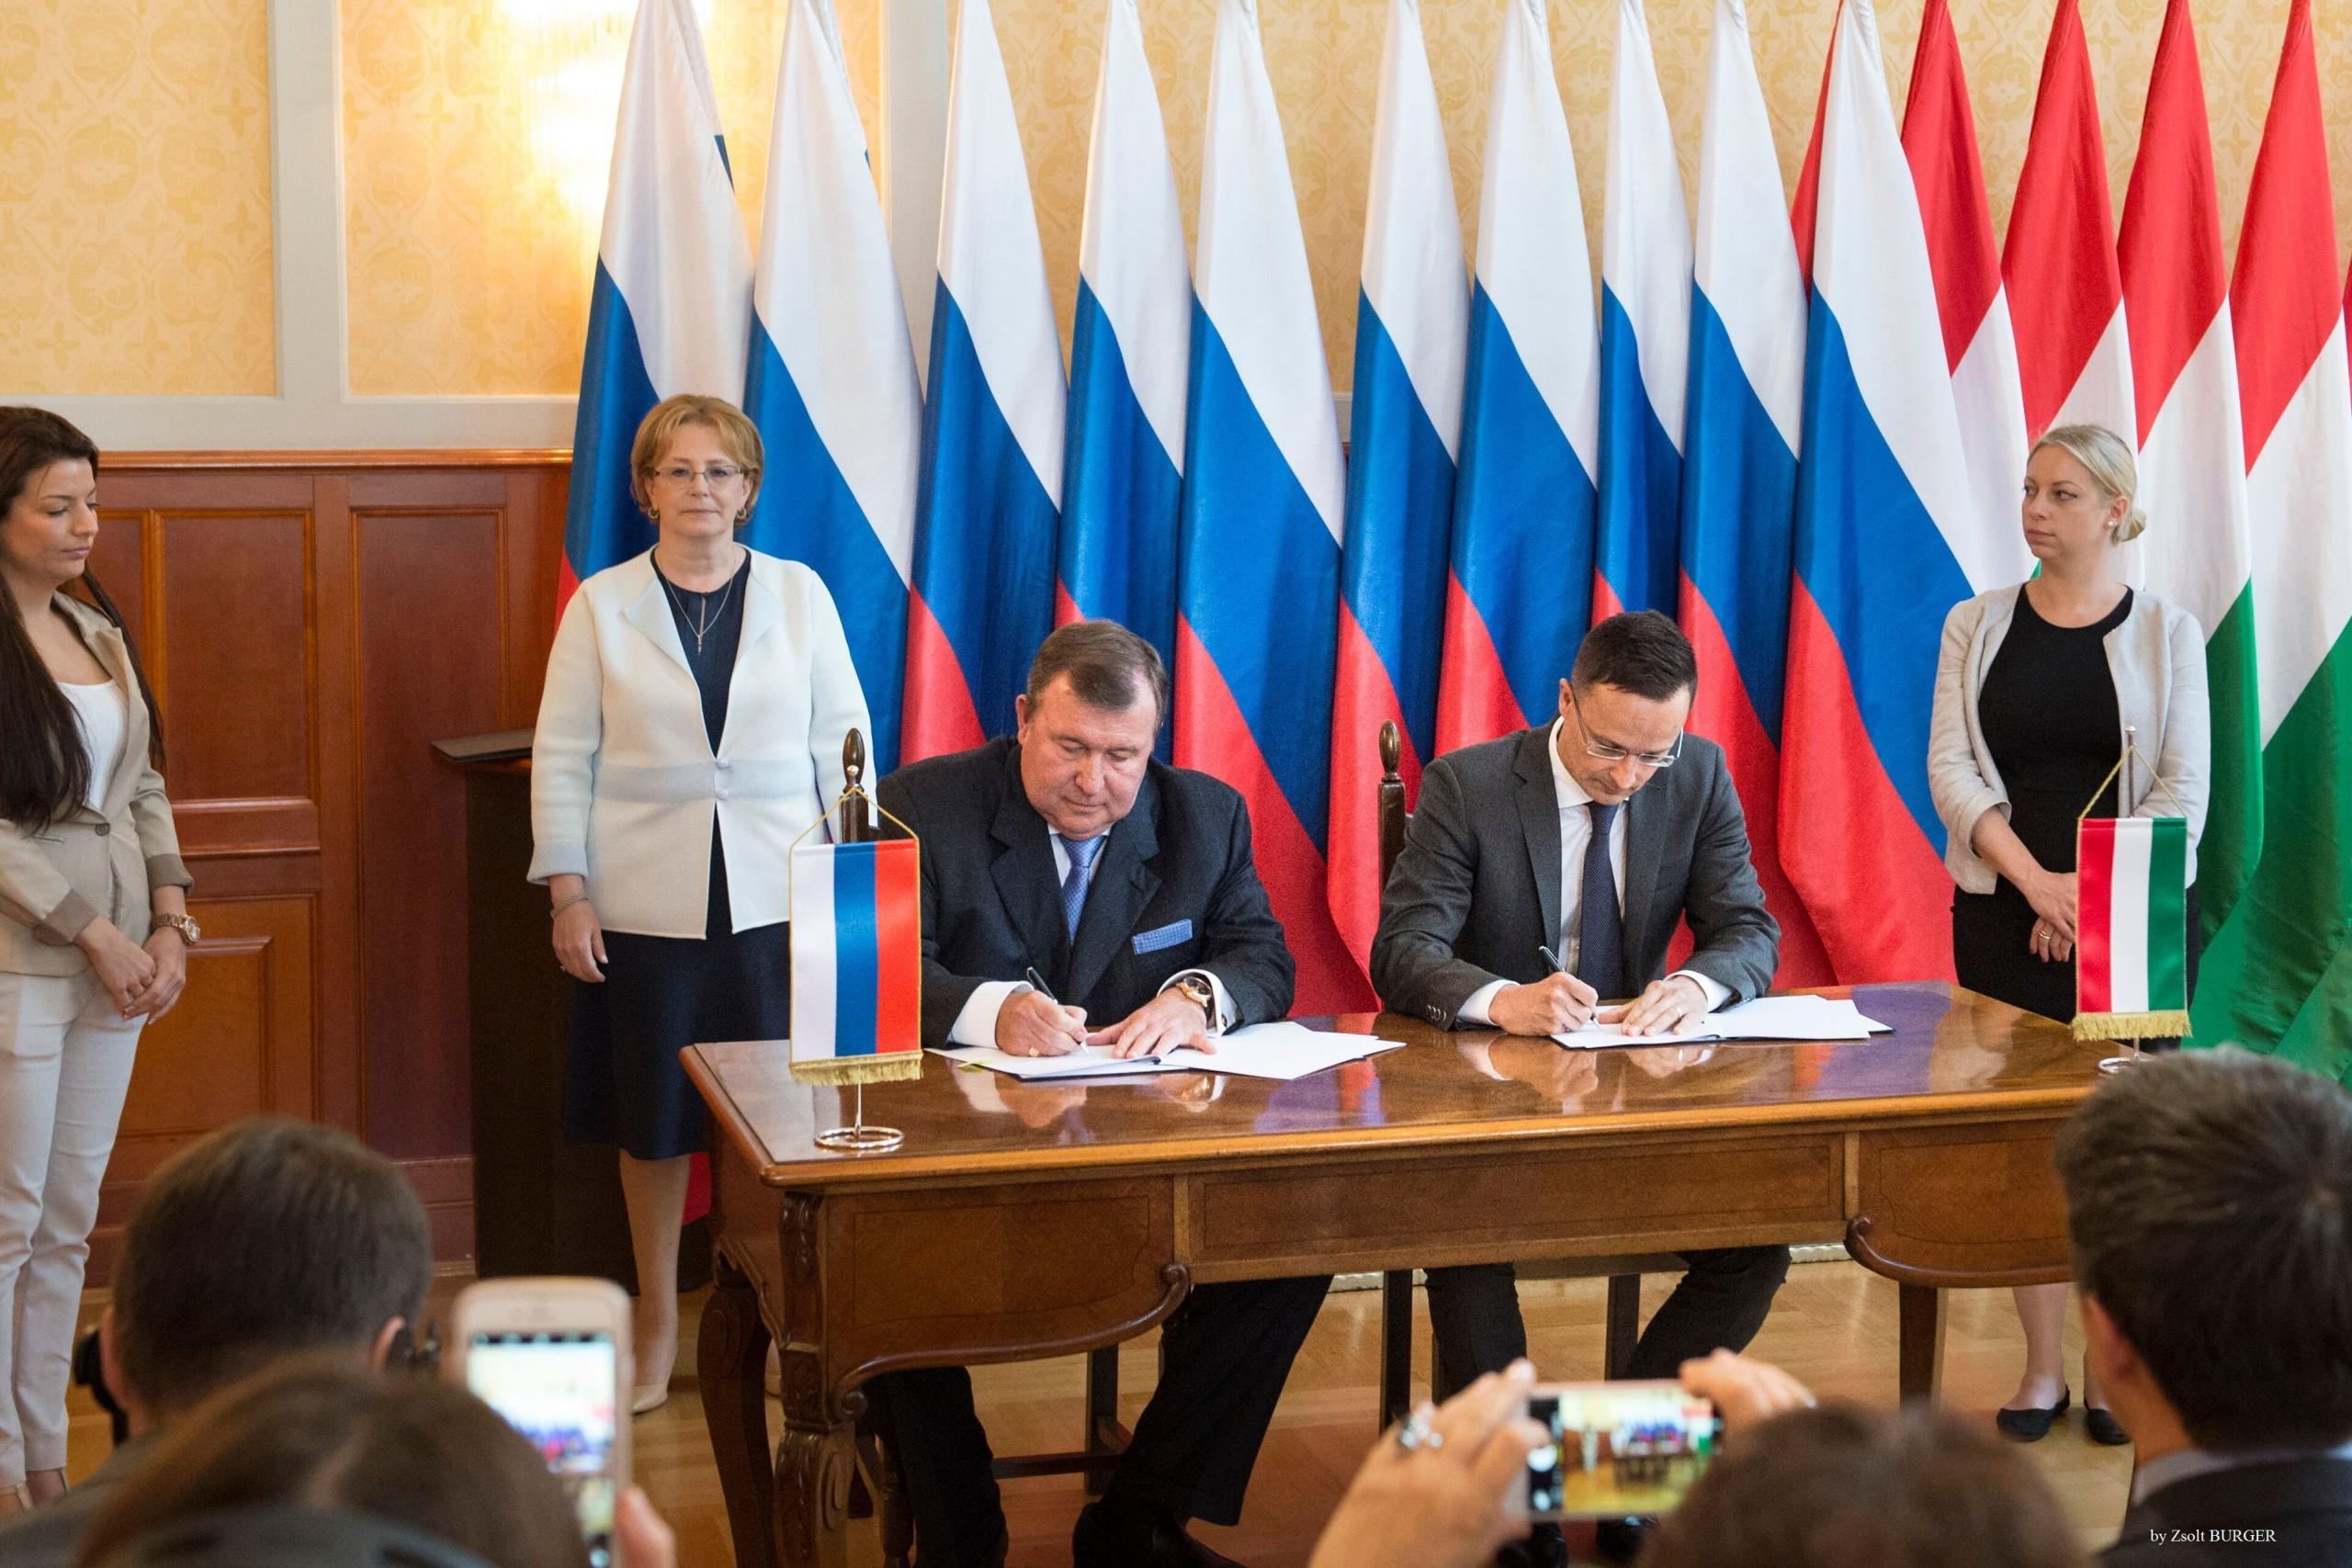 Новые возможности в Венгрии – МИБ и венгерский МИД подписали Меморандум о взаимопонимании